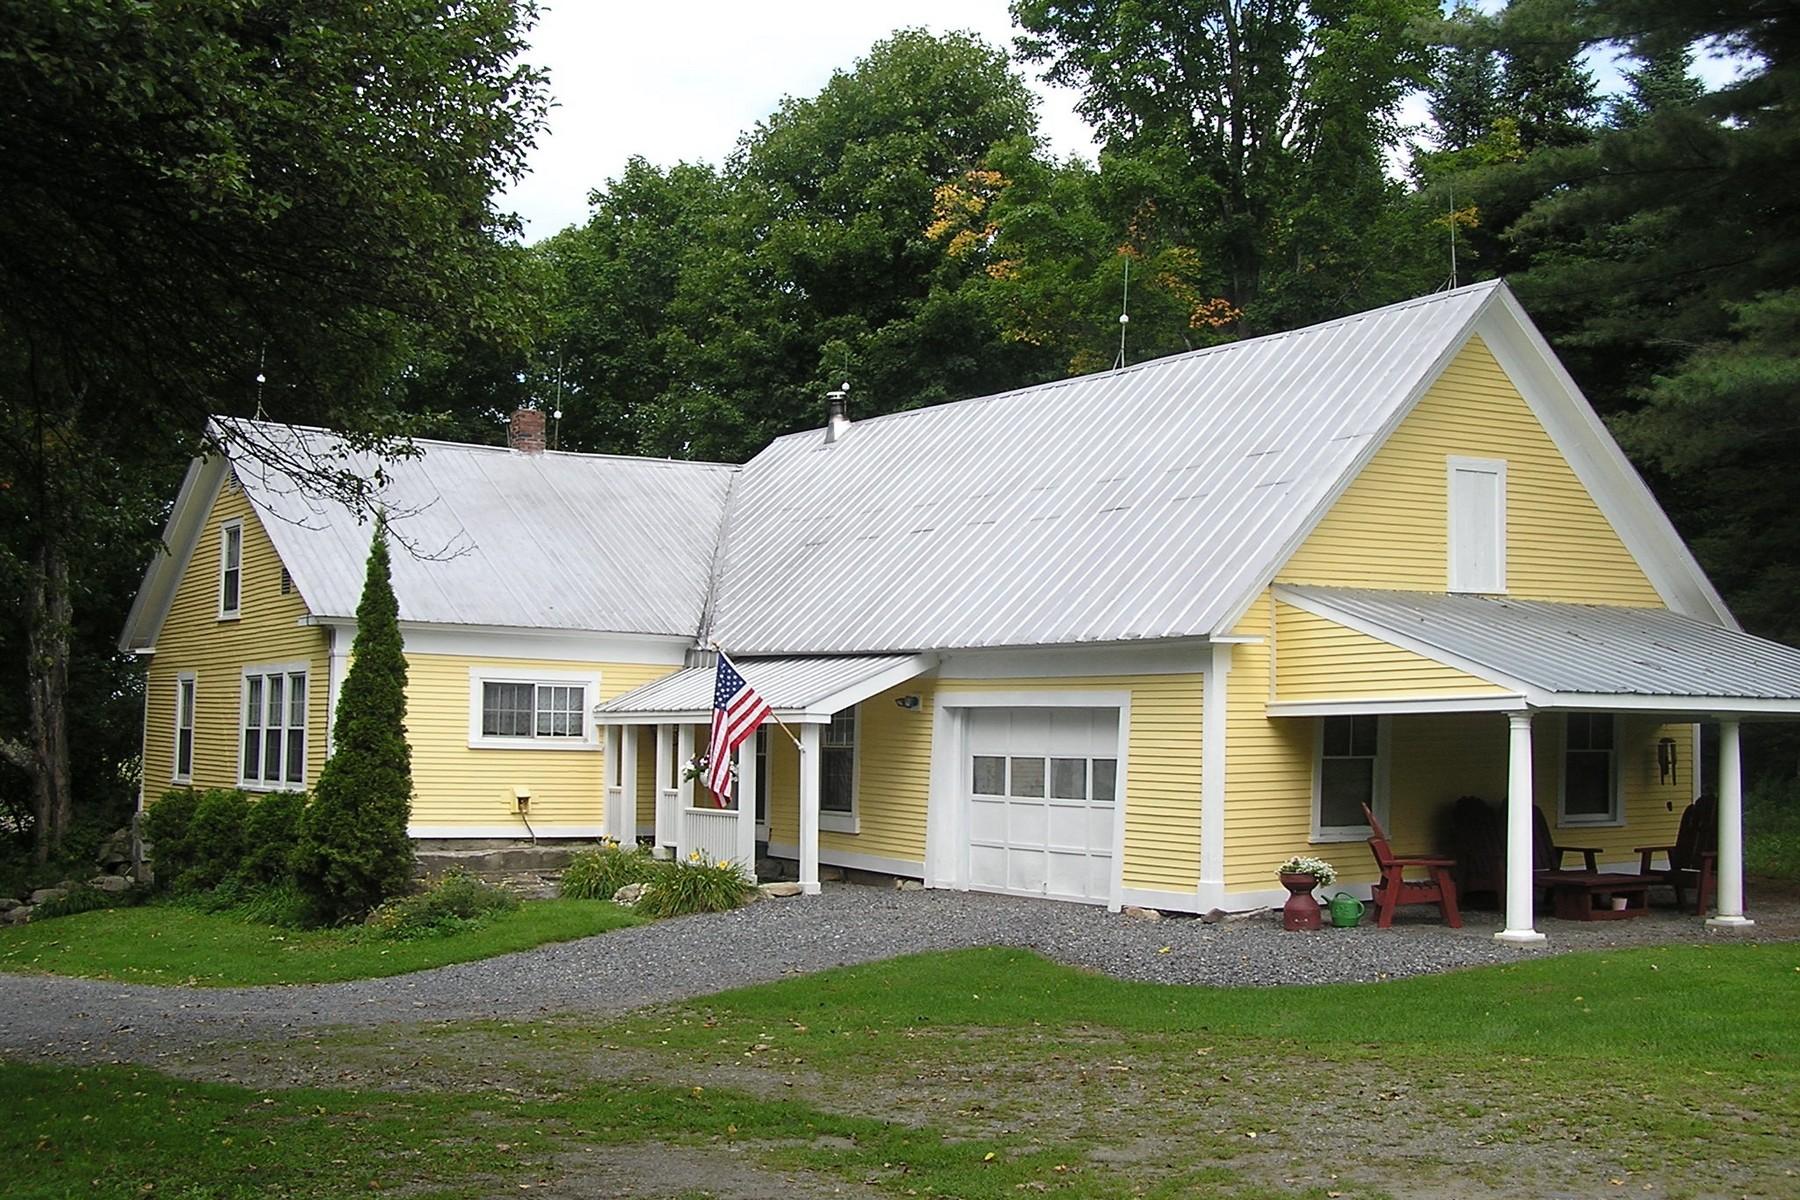 단독 가정 주택 용 매매 에 3726 Center Road, Hardwick 3726 Center Rd Hardwick, 베르몬트, 05843 미국